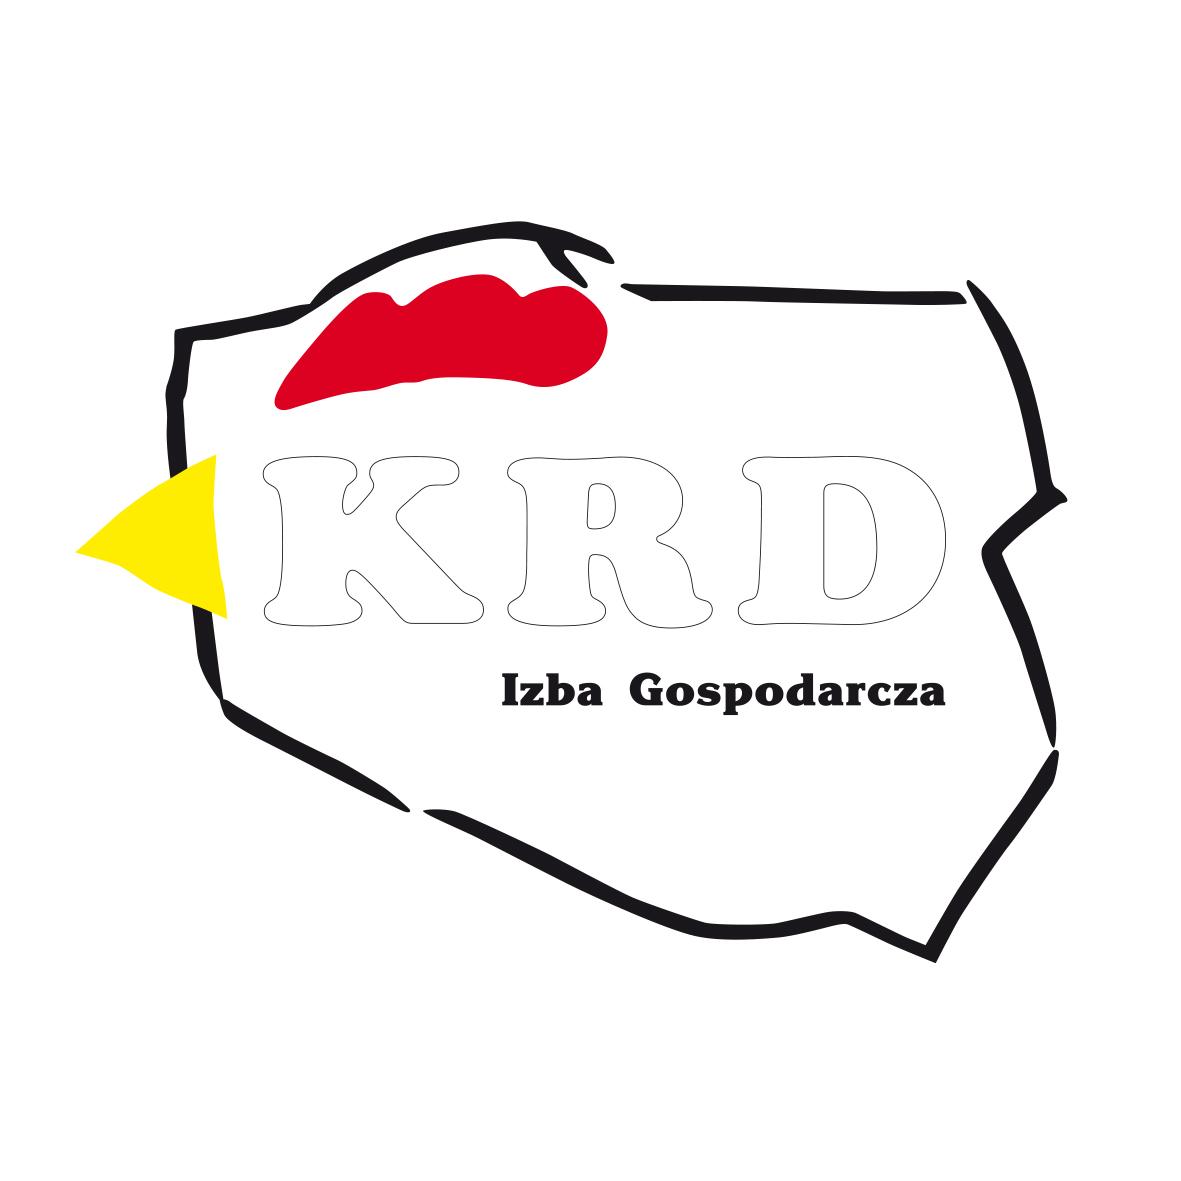 KRD_IzbaGospodarcza.jpg